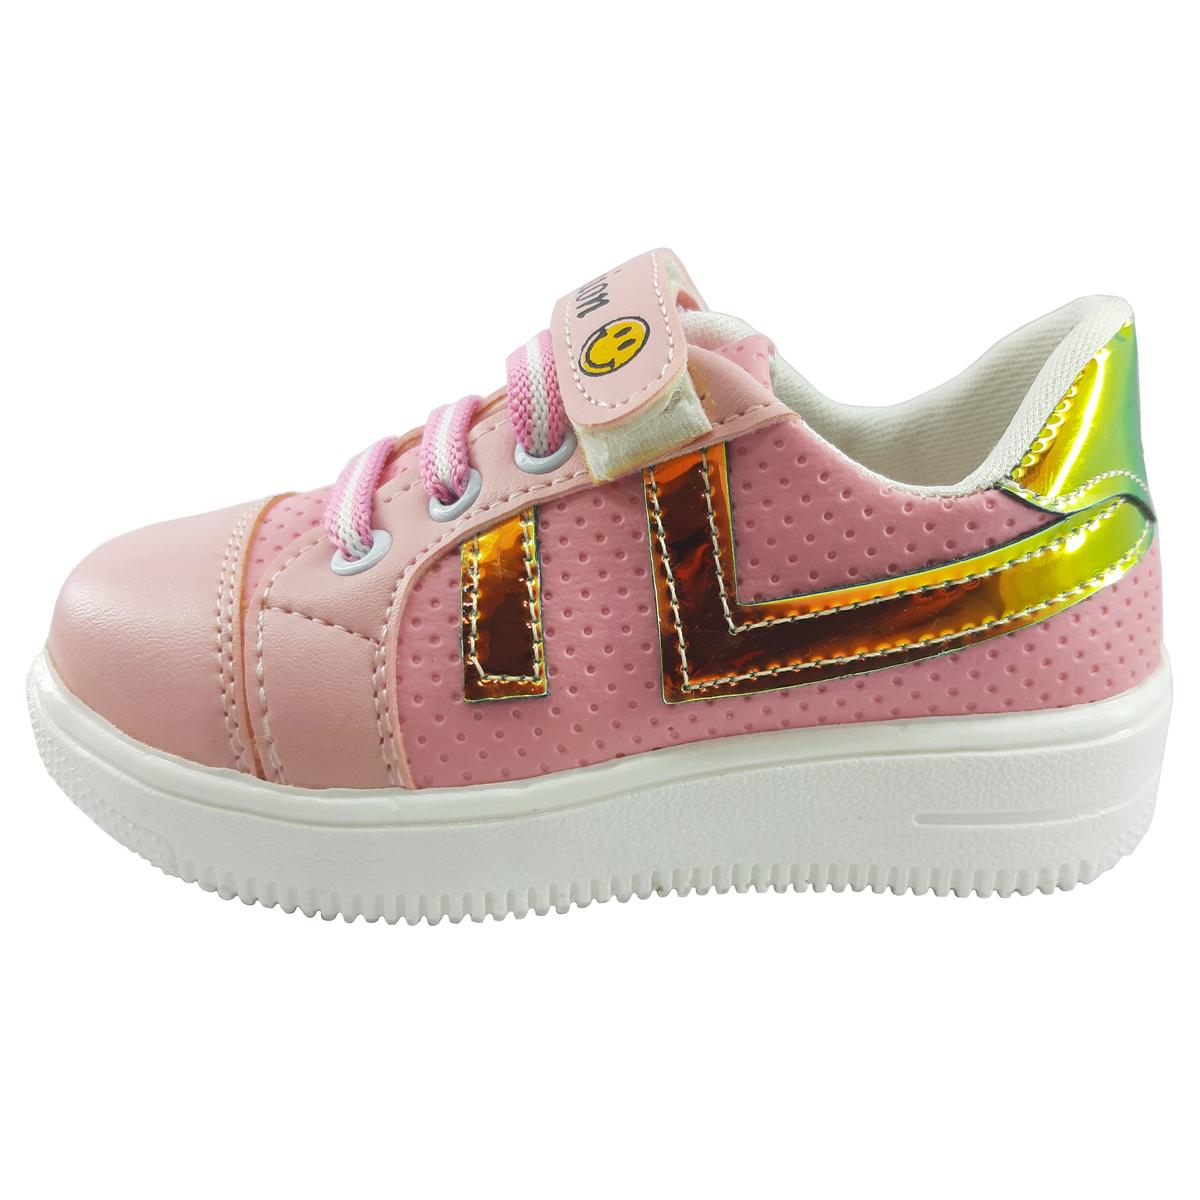 کفش مخصوص پیاده روی دخترانه کد lx02-31-35